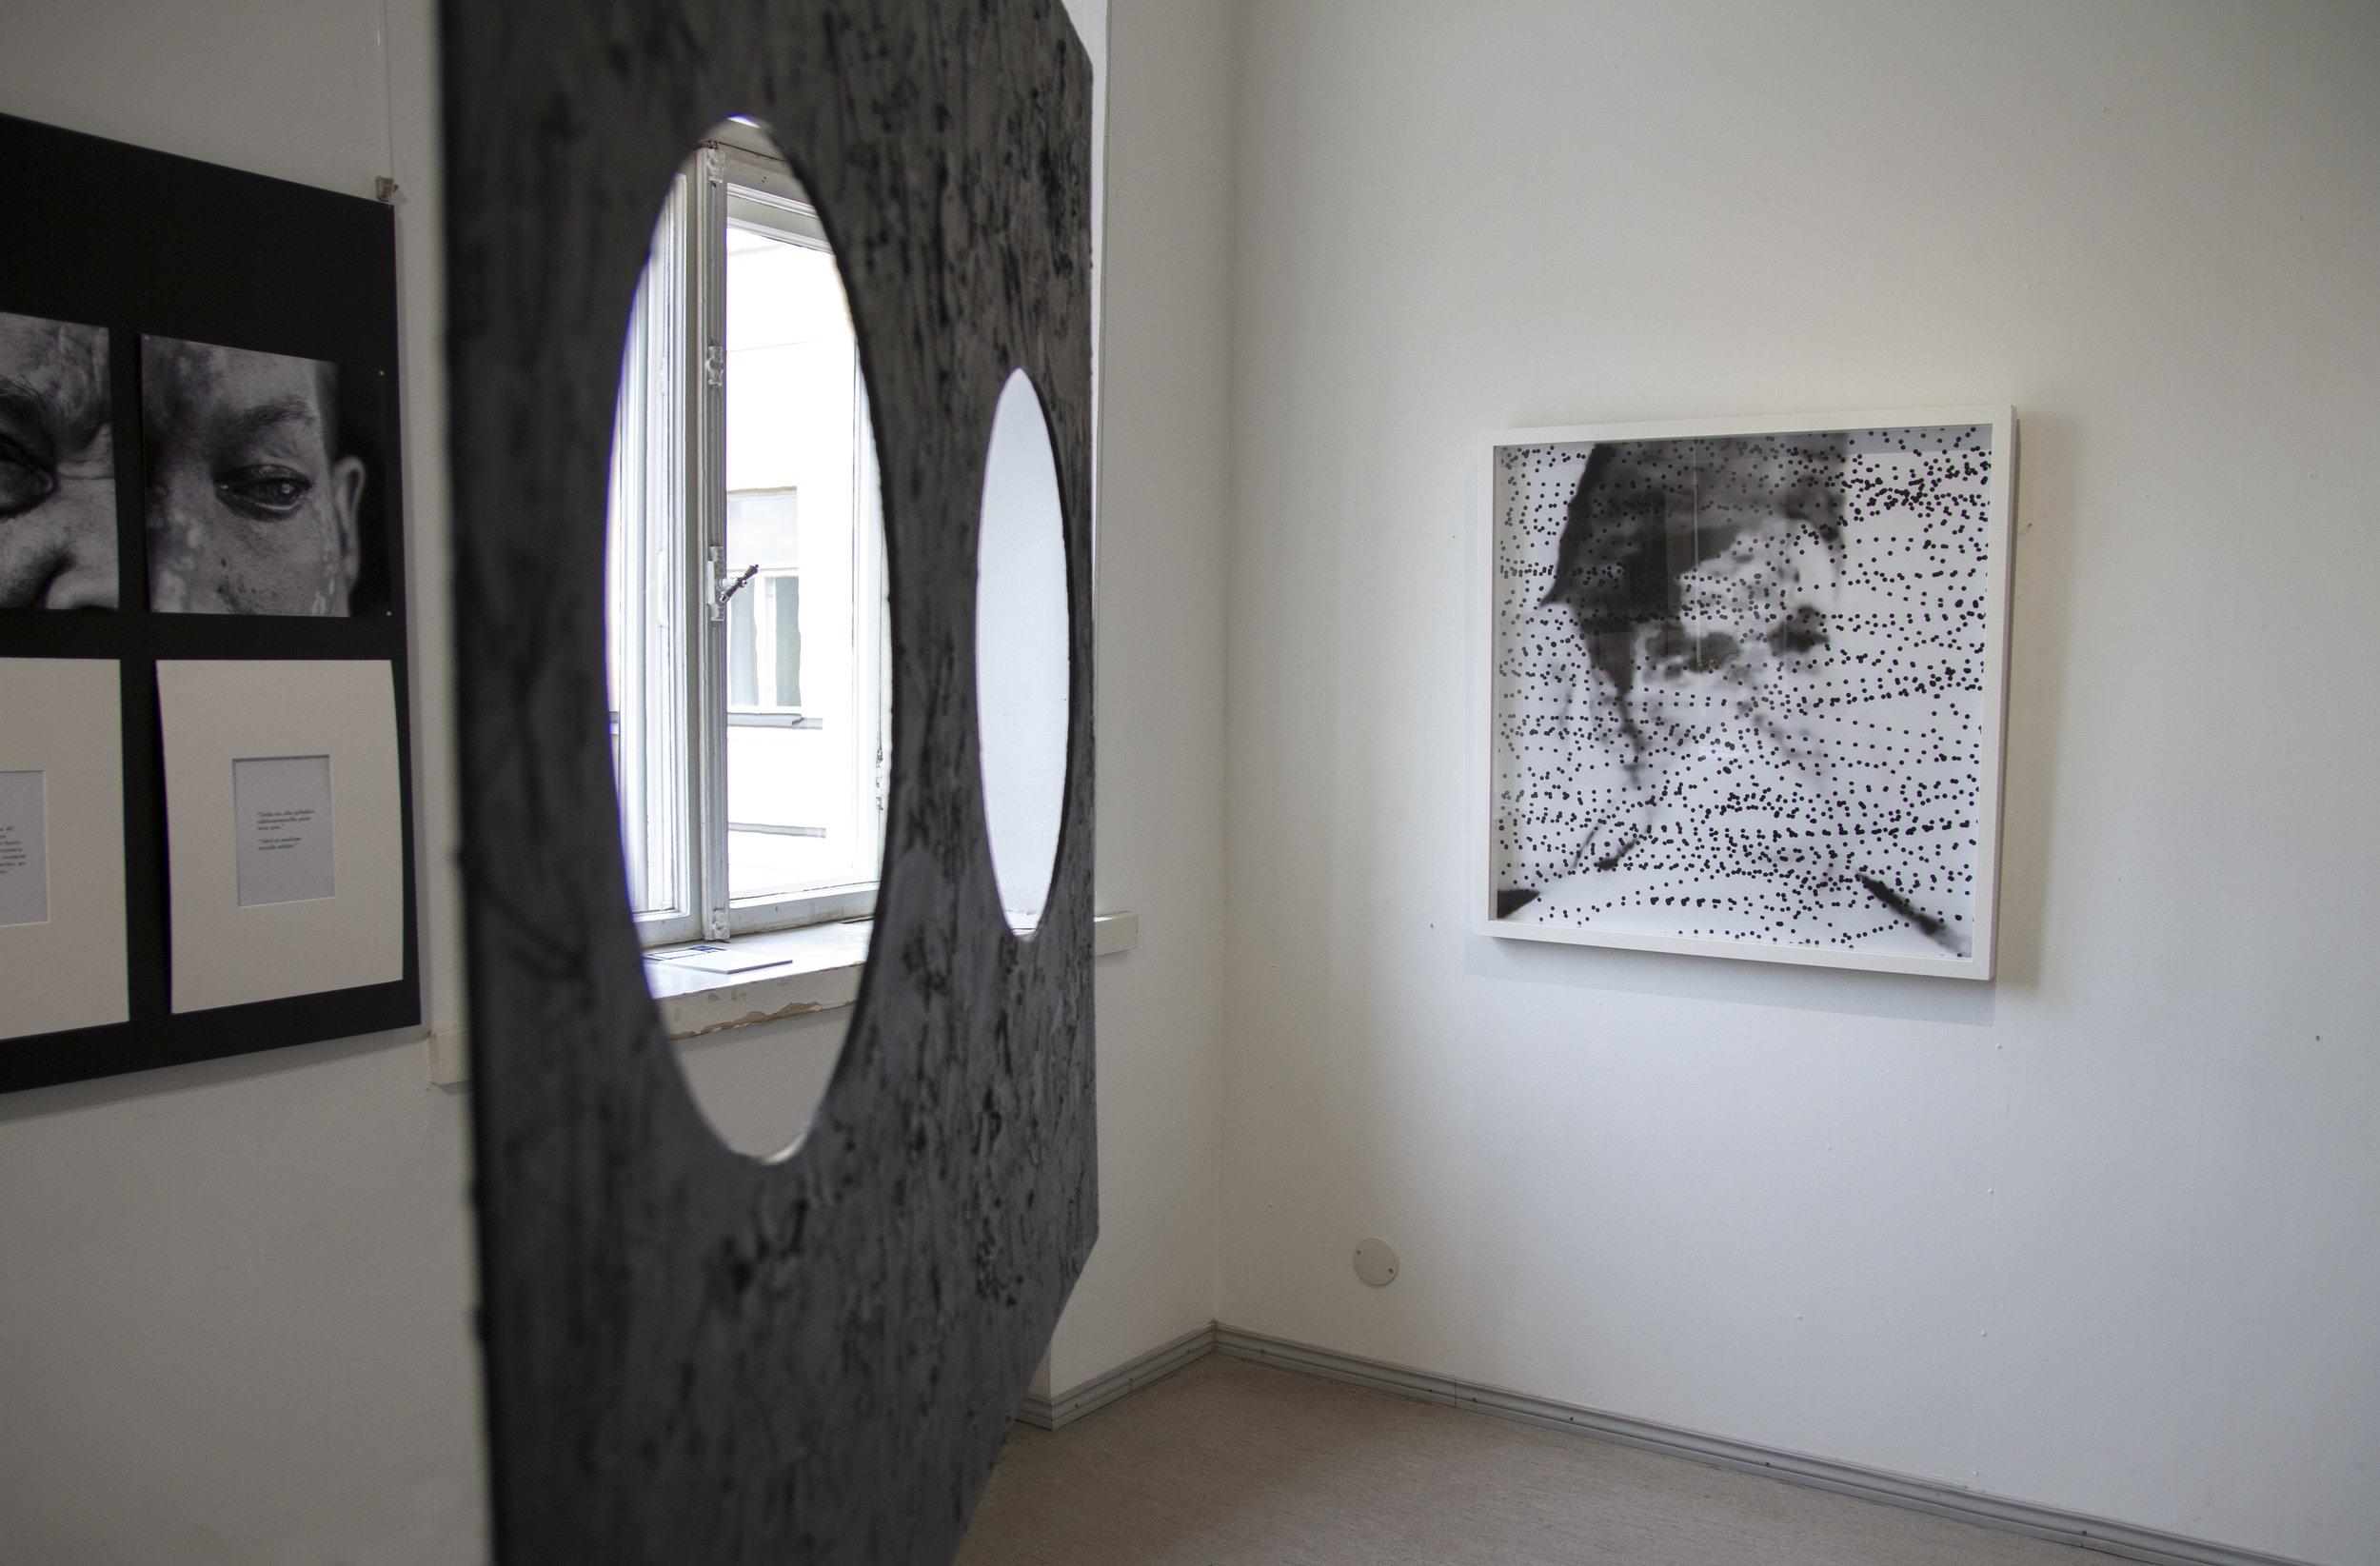 Installation view, from left: Iiri Poteri:  Pimeän jälkeen  (2014) and back: Eeva Hannula:  Dead Spots  from the series  Epävarmuuden Rakenne  (2012)